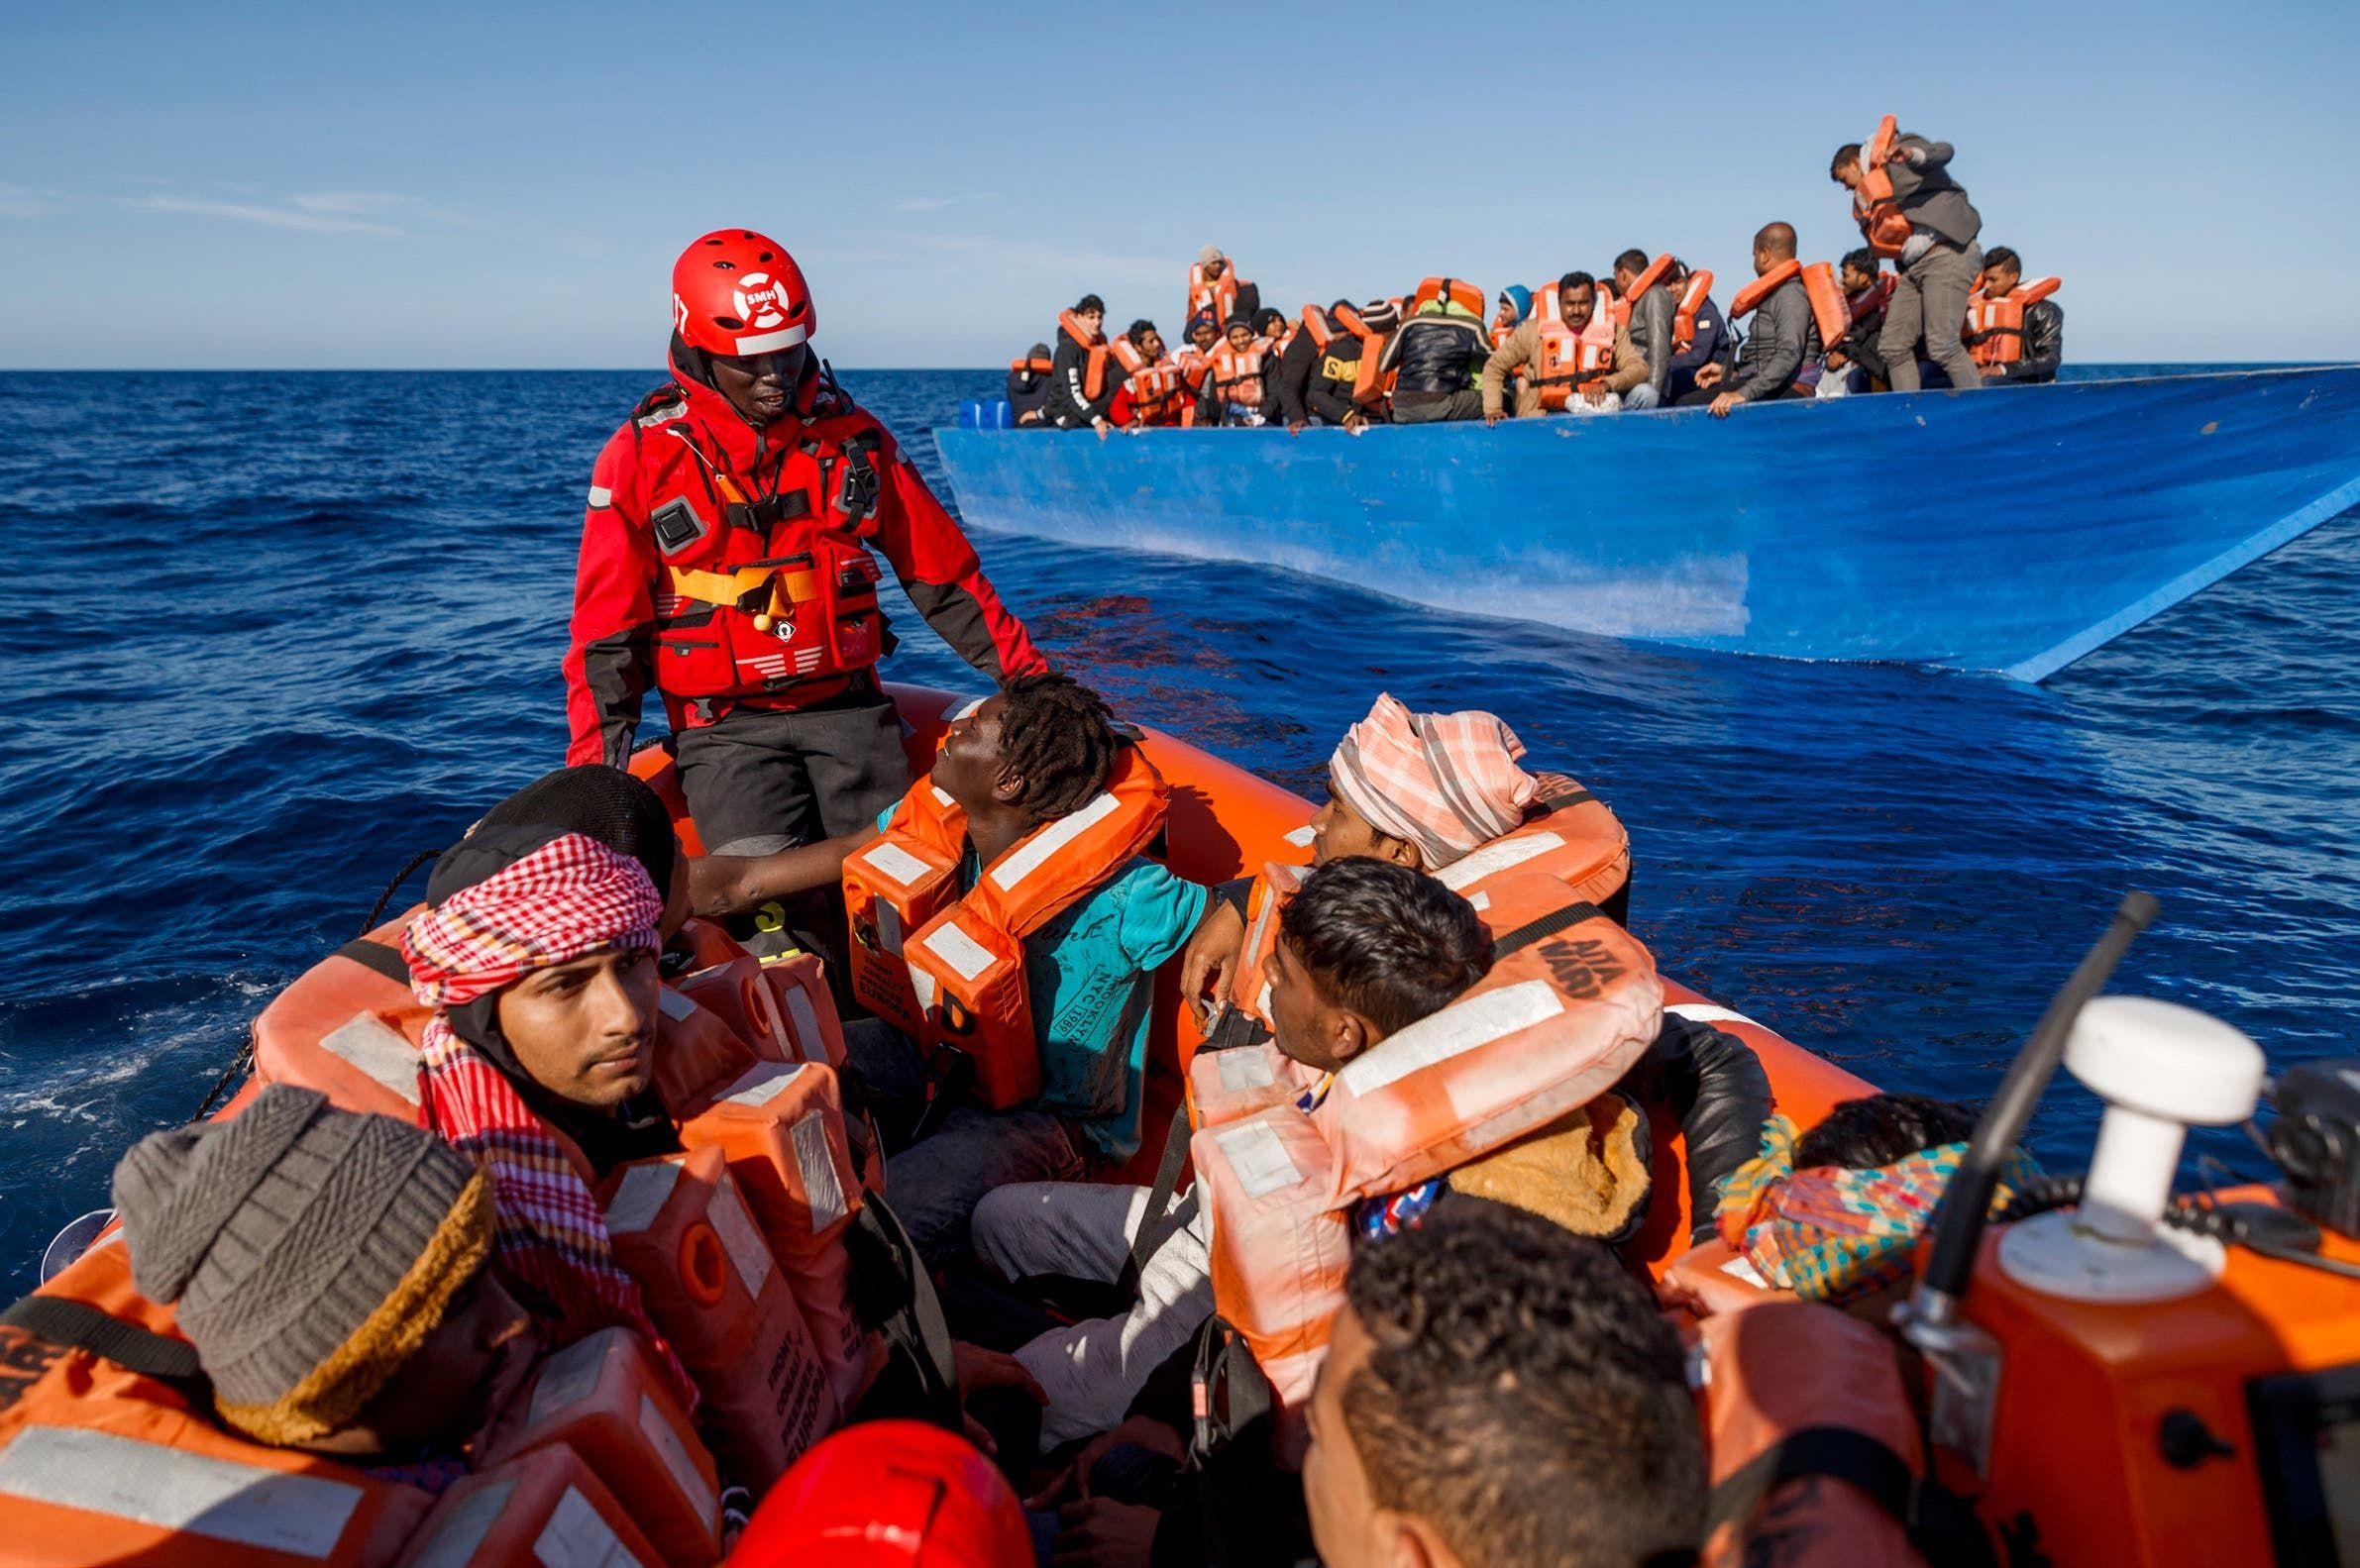 إنقاذ مهاجرين وسط البحر المتوسط بعد انطلاهم من ليبيا نجو الاتحاد الأوروبي (أرشيفية)